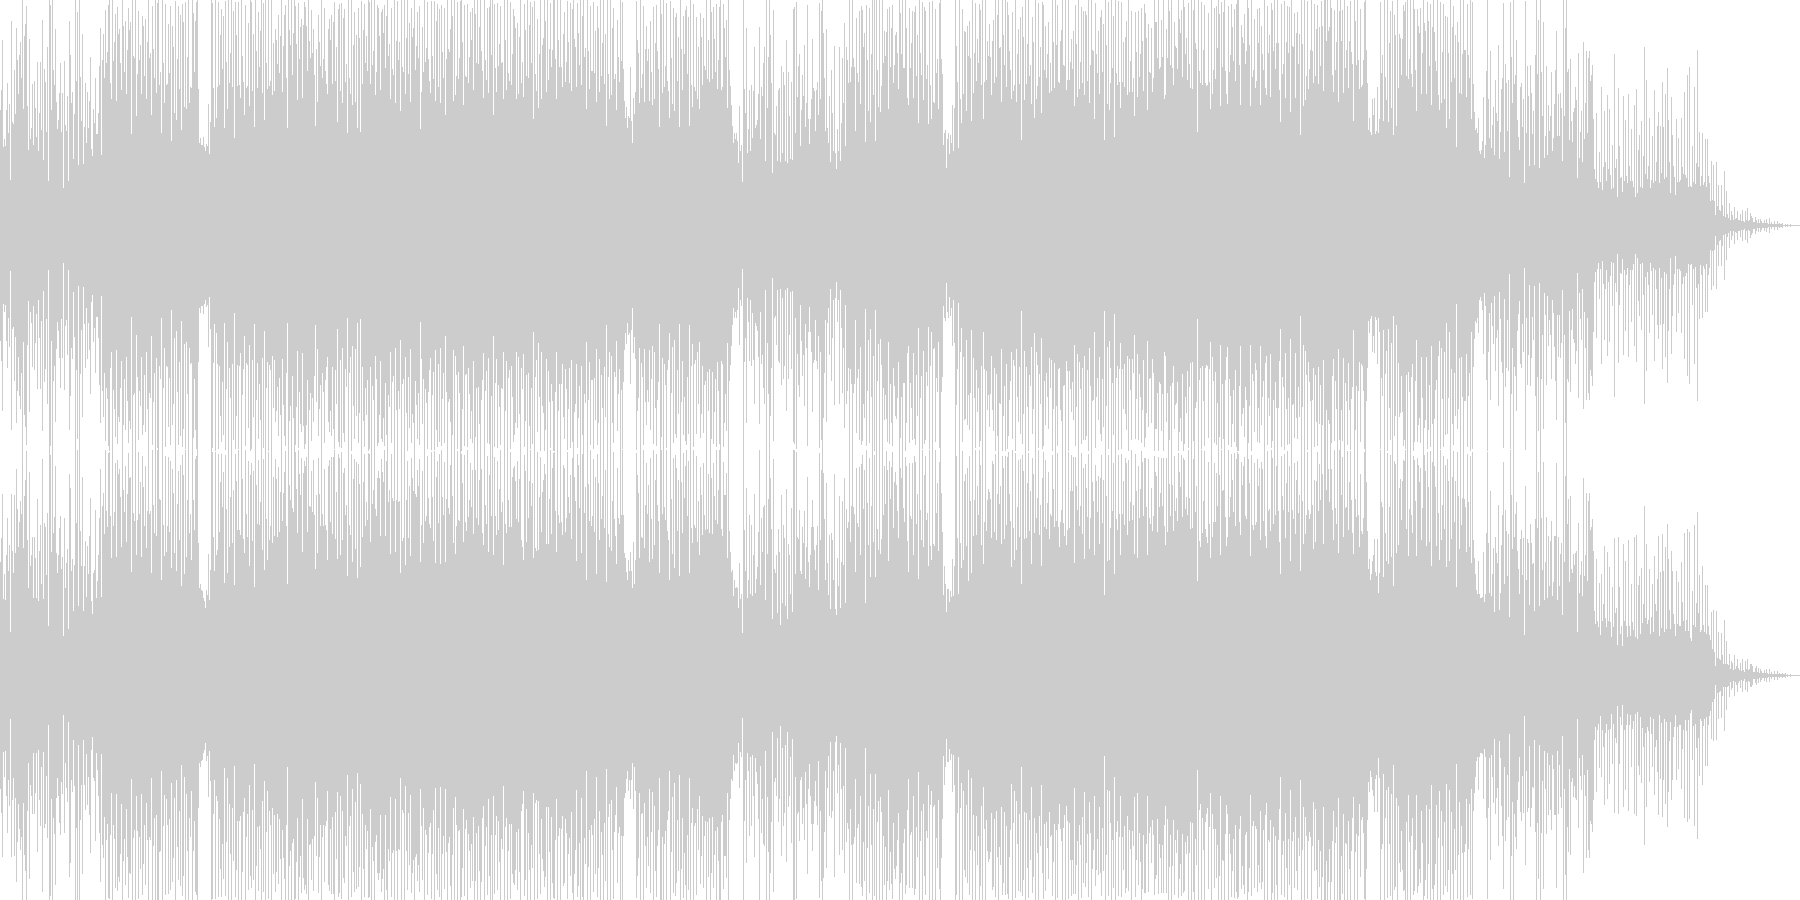 ジャジーなコードのおしゃれムード系ハウスの未再生の波形